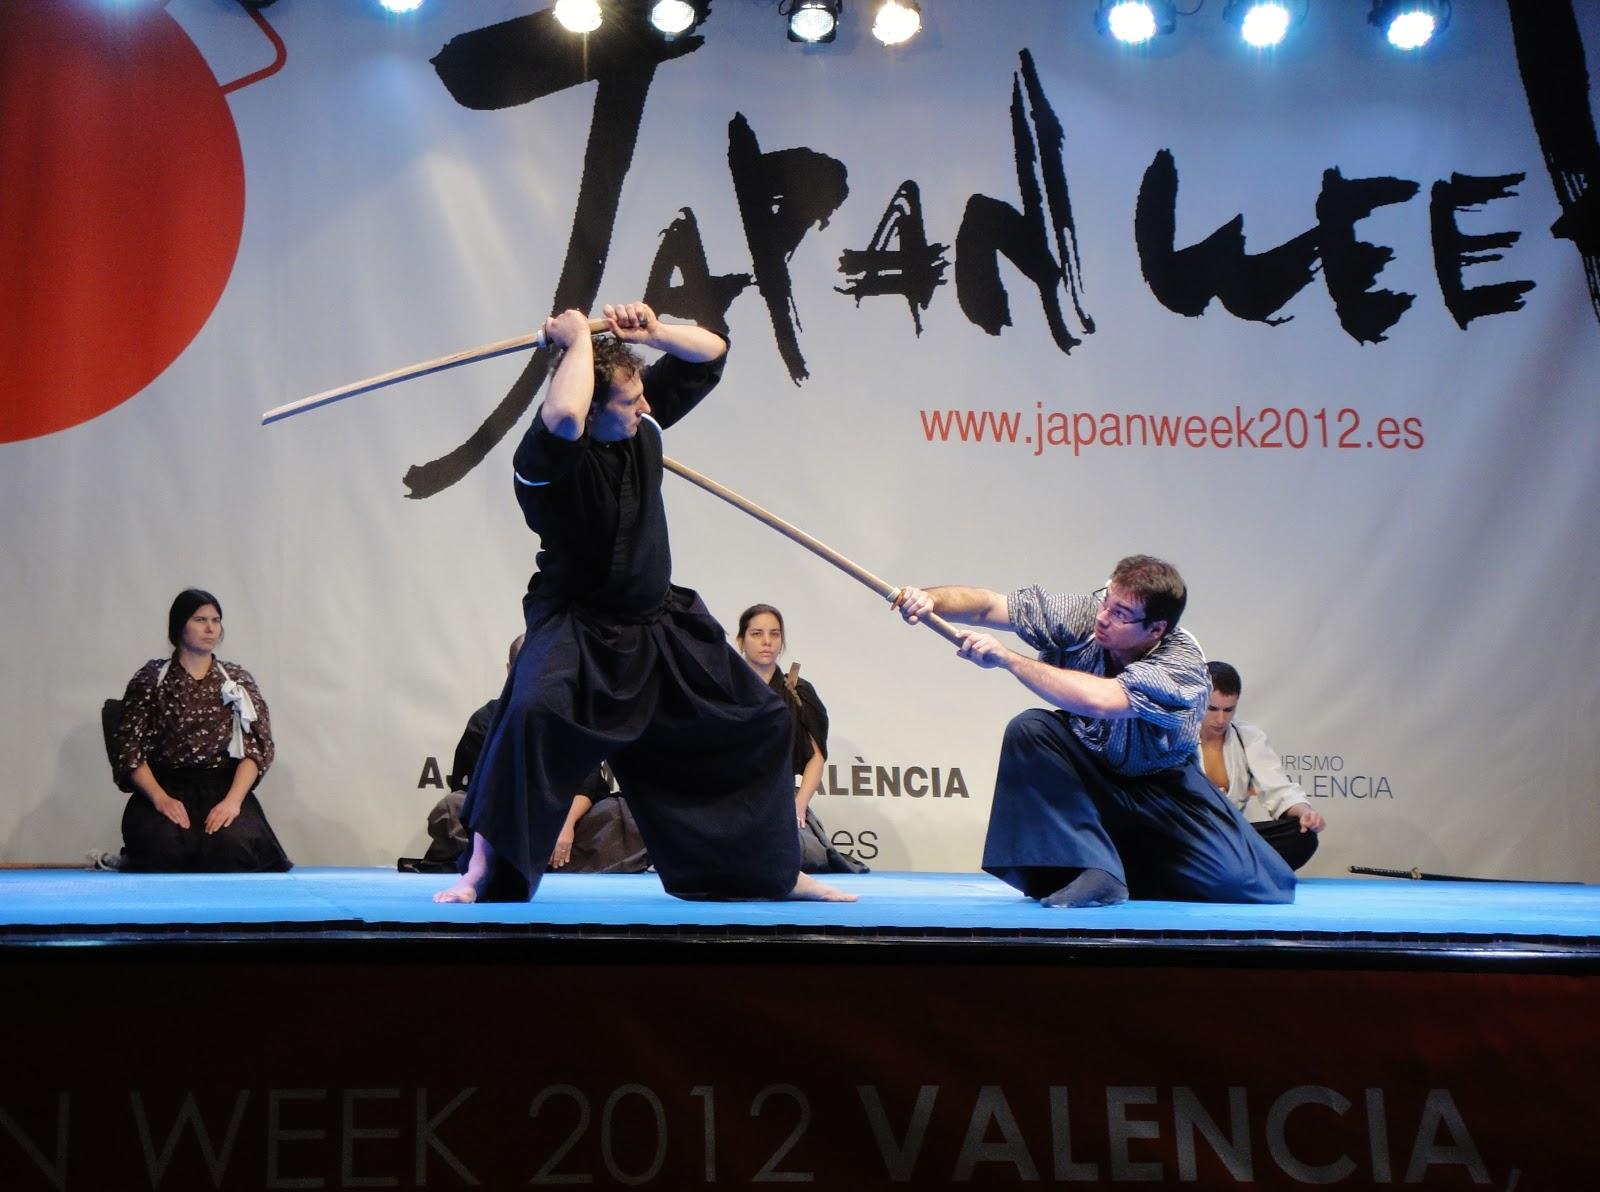 japanweek_luis2